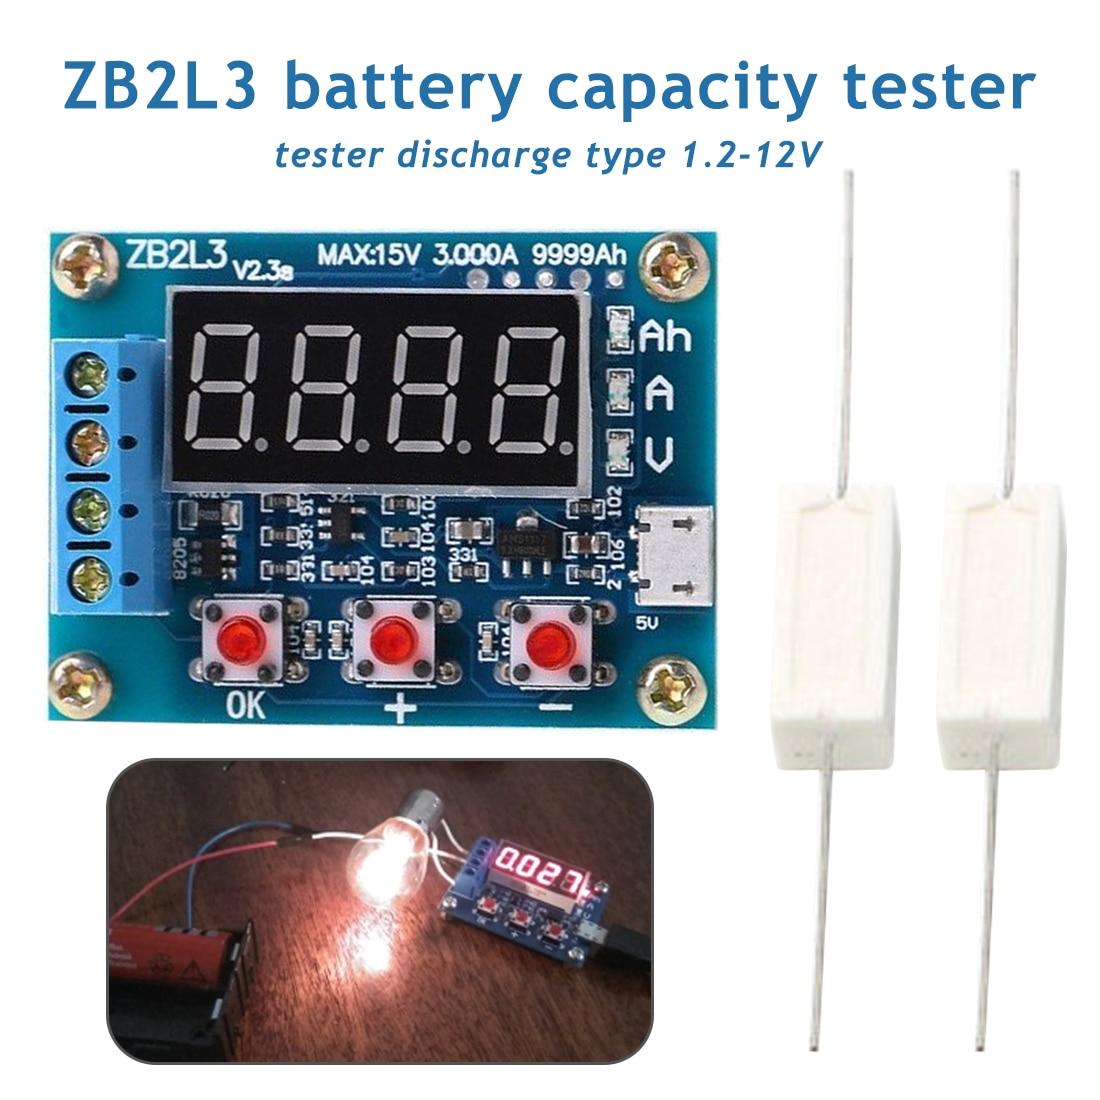 1,2-12 В ZB2L3 литий-ионный свинцово-кислотный измеритель емкости аккумулятора тестер разряда анализатор тестер батареи